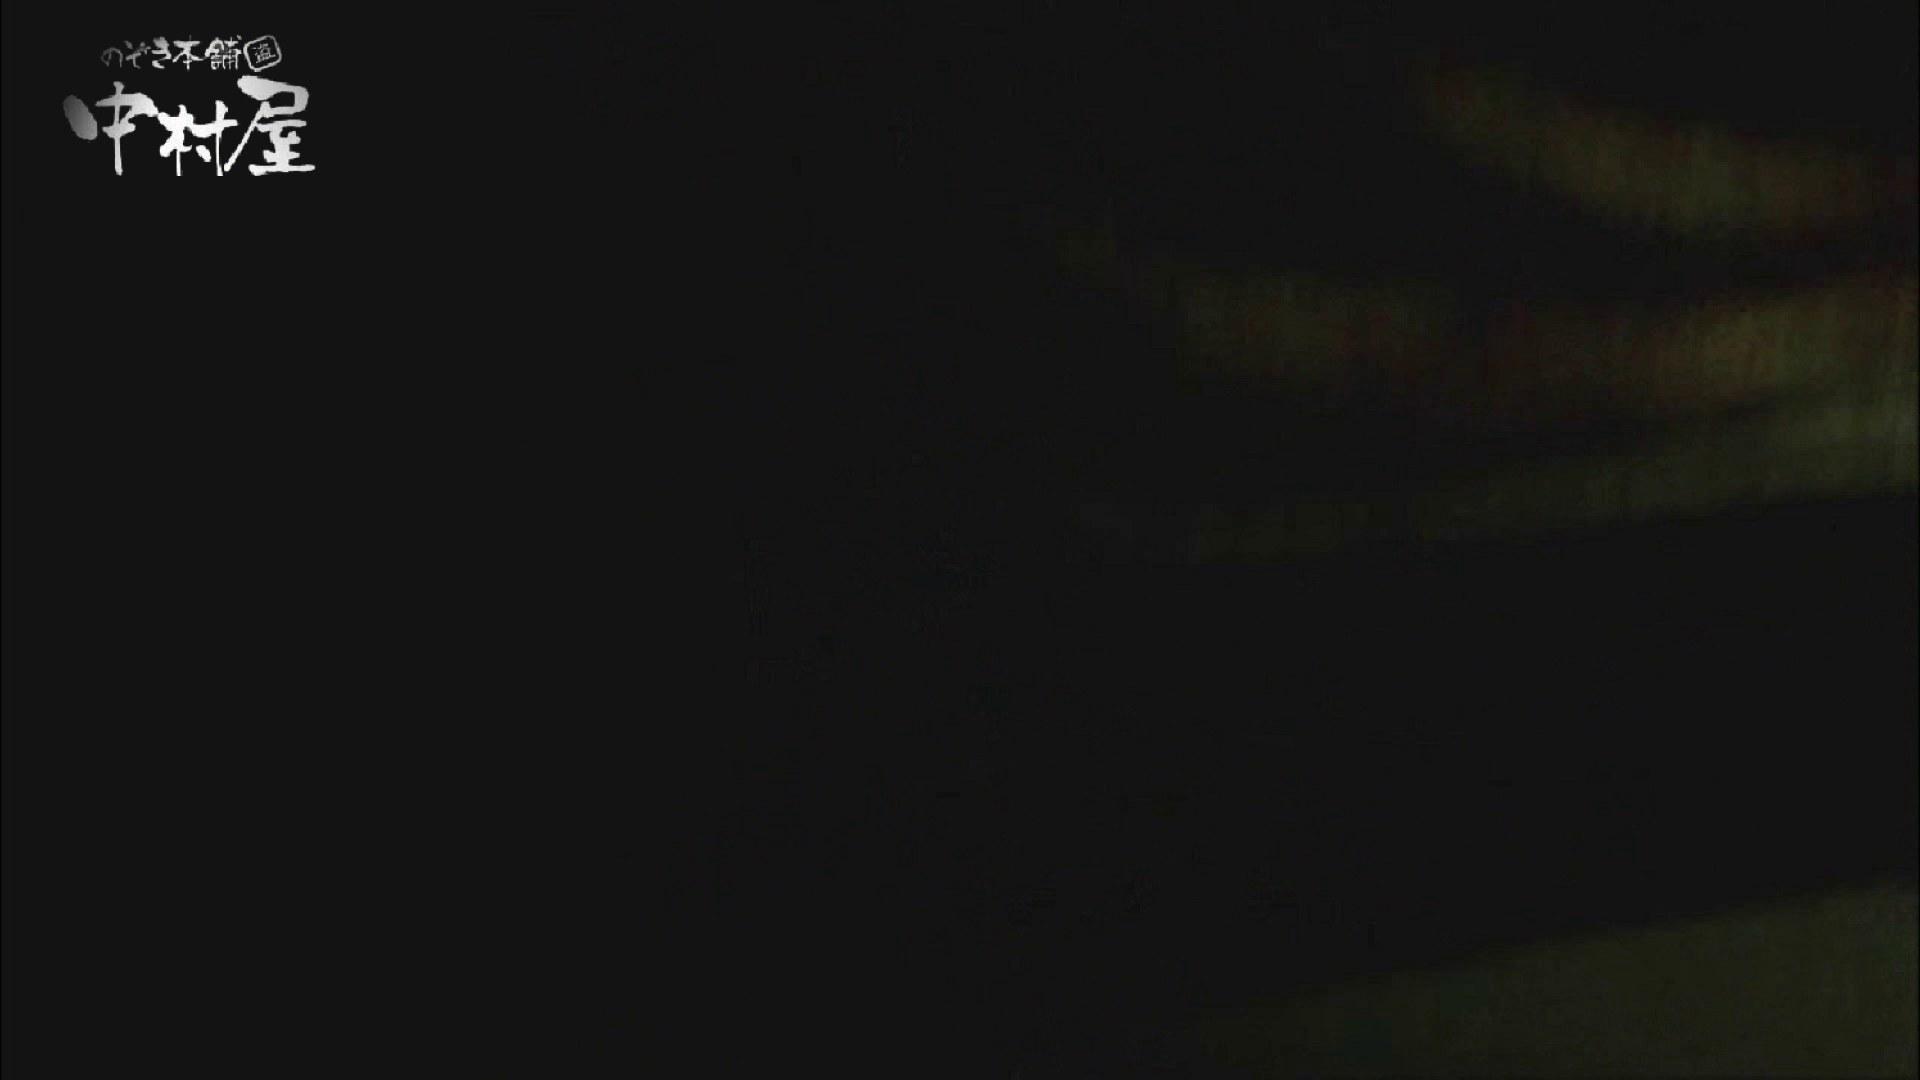 欲望 リアルドール Vol.01 Kちゃんショップ店員店員20歳 イタズラ オマンコ動画キャプチャ 71pic 47